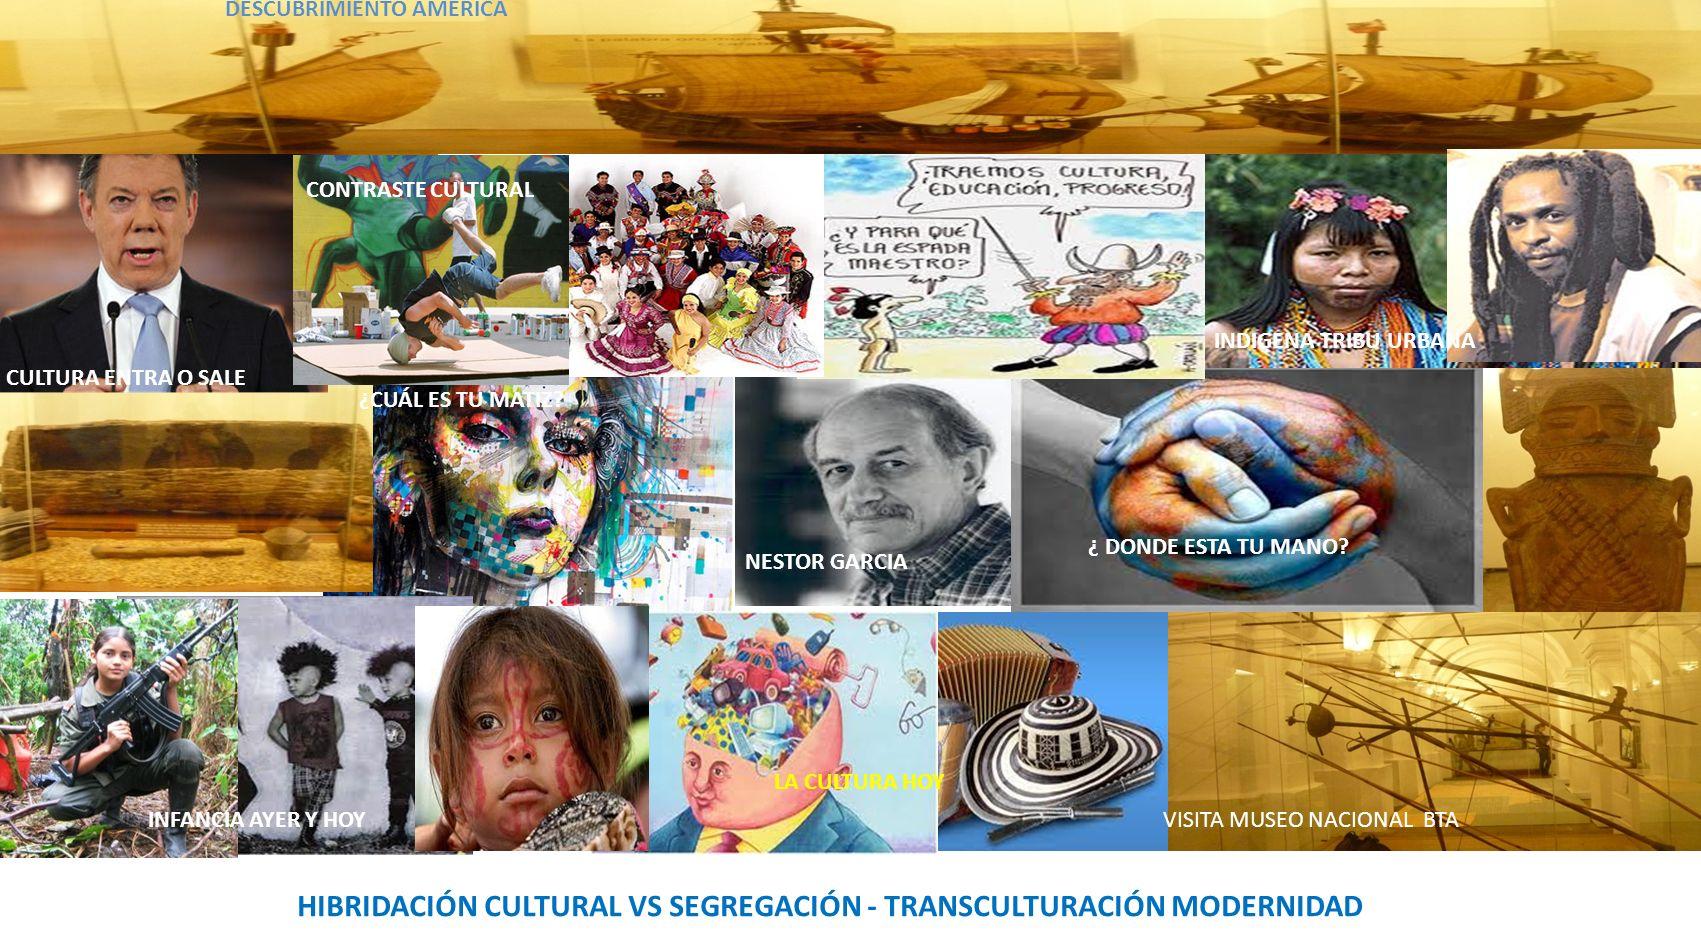 HIBRIDACIÓN CULTURAL VS SEGREGACIÓN - TRANSCULTURACIÓN MODERNIDAD VISITA MUSEO NACIONAL BTAINFANCIA AYER Y HOY NESTOR GARCIA CULTURA ENTRA O SALE CONT